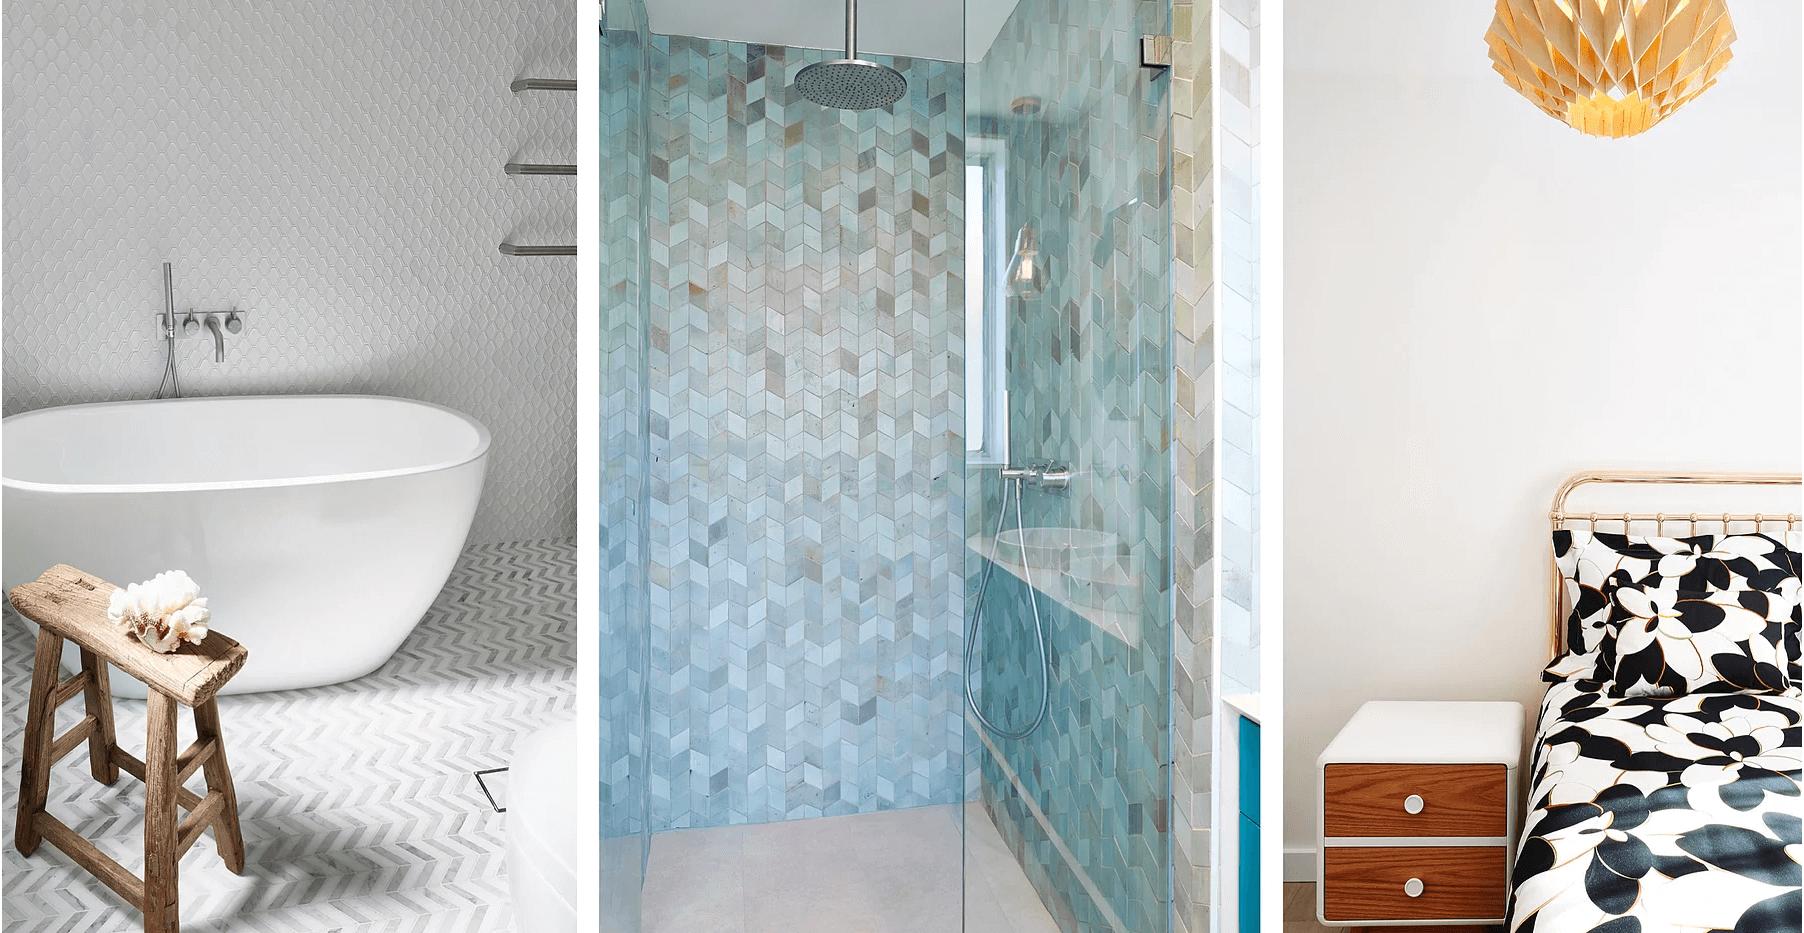 Bronte Seaside Apartment - Cradle residential apartment design - Bathroom features